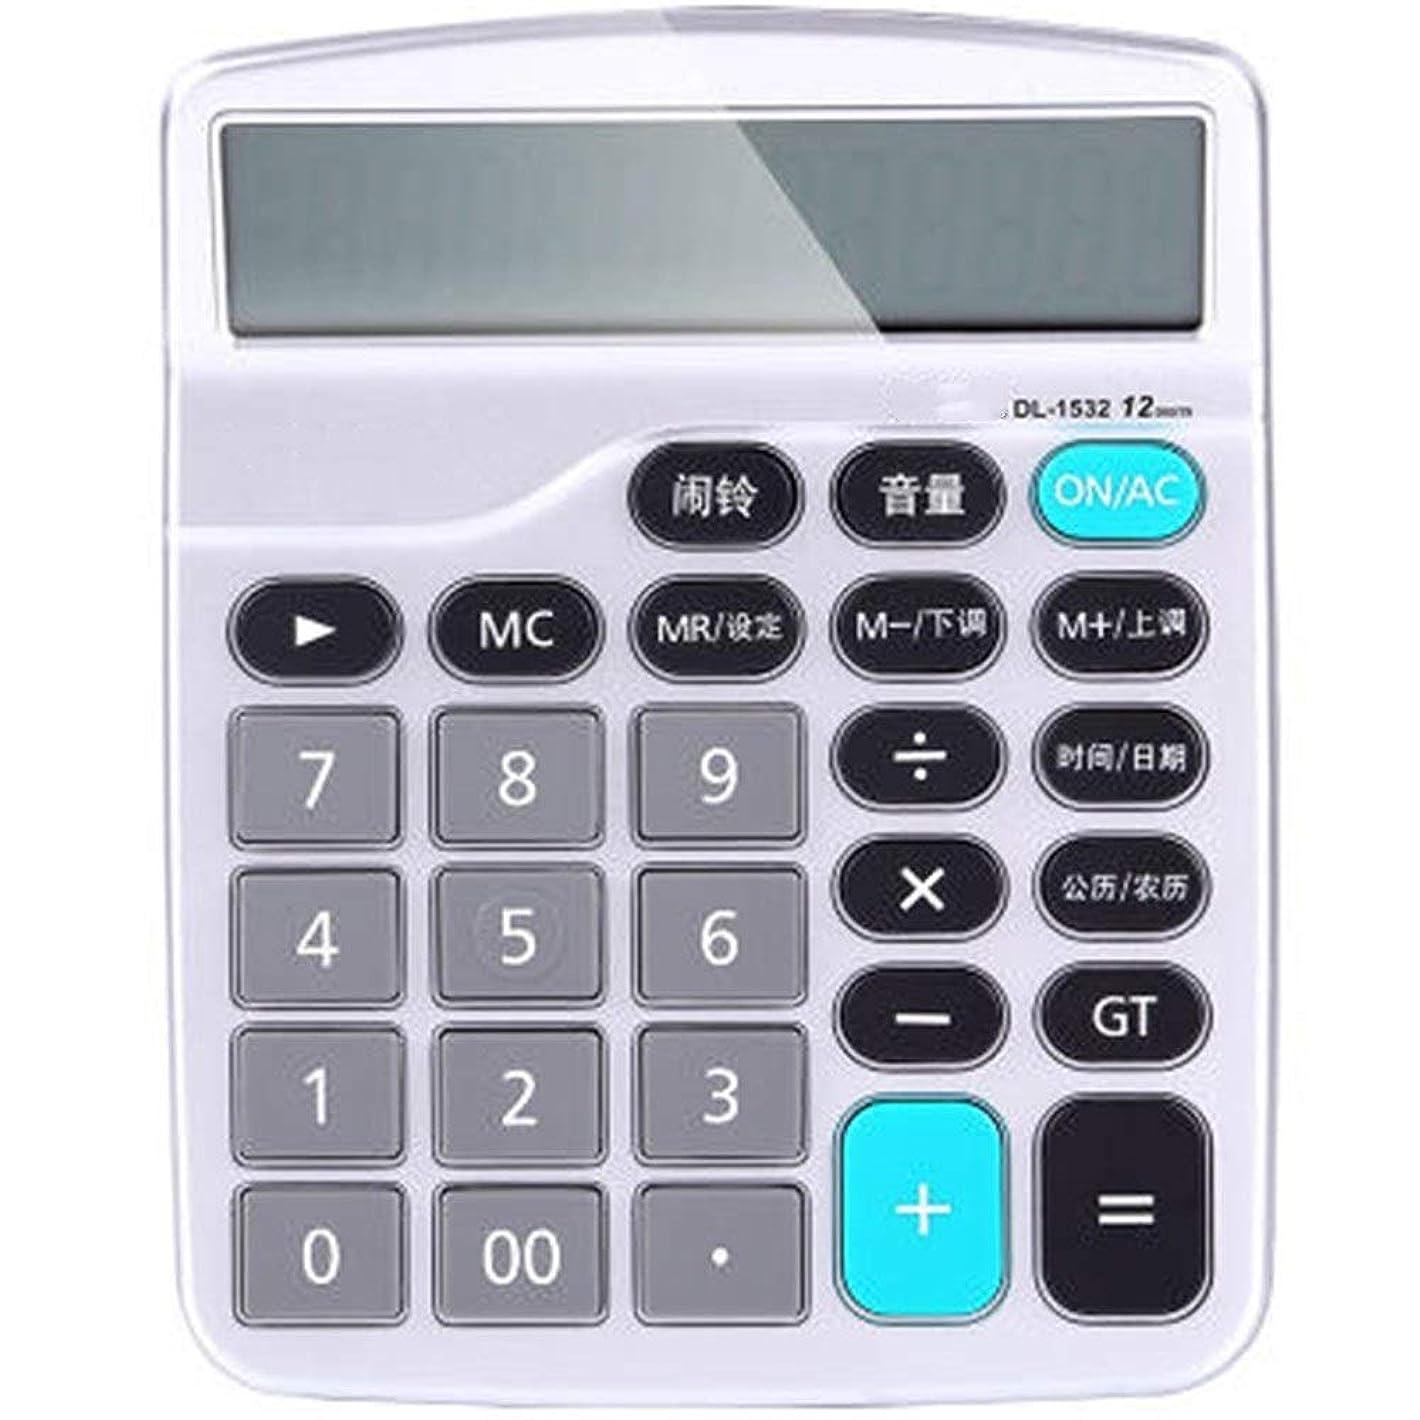 有彩色のふくろうプラス電卓 音声コンピュータ人間の声12ビット?大画面経済計算 ビジネス電卓 (色 : White, Size : One size)